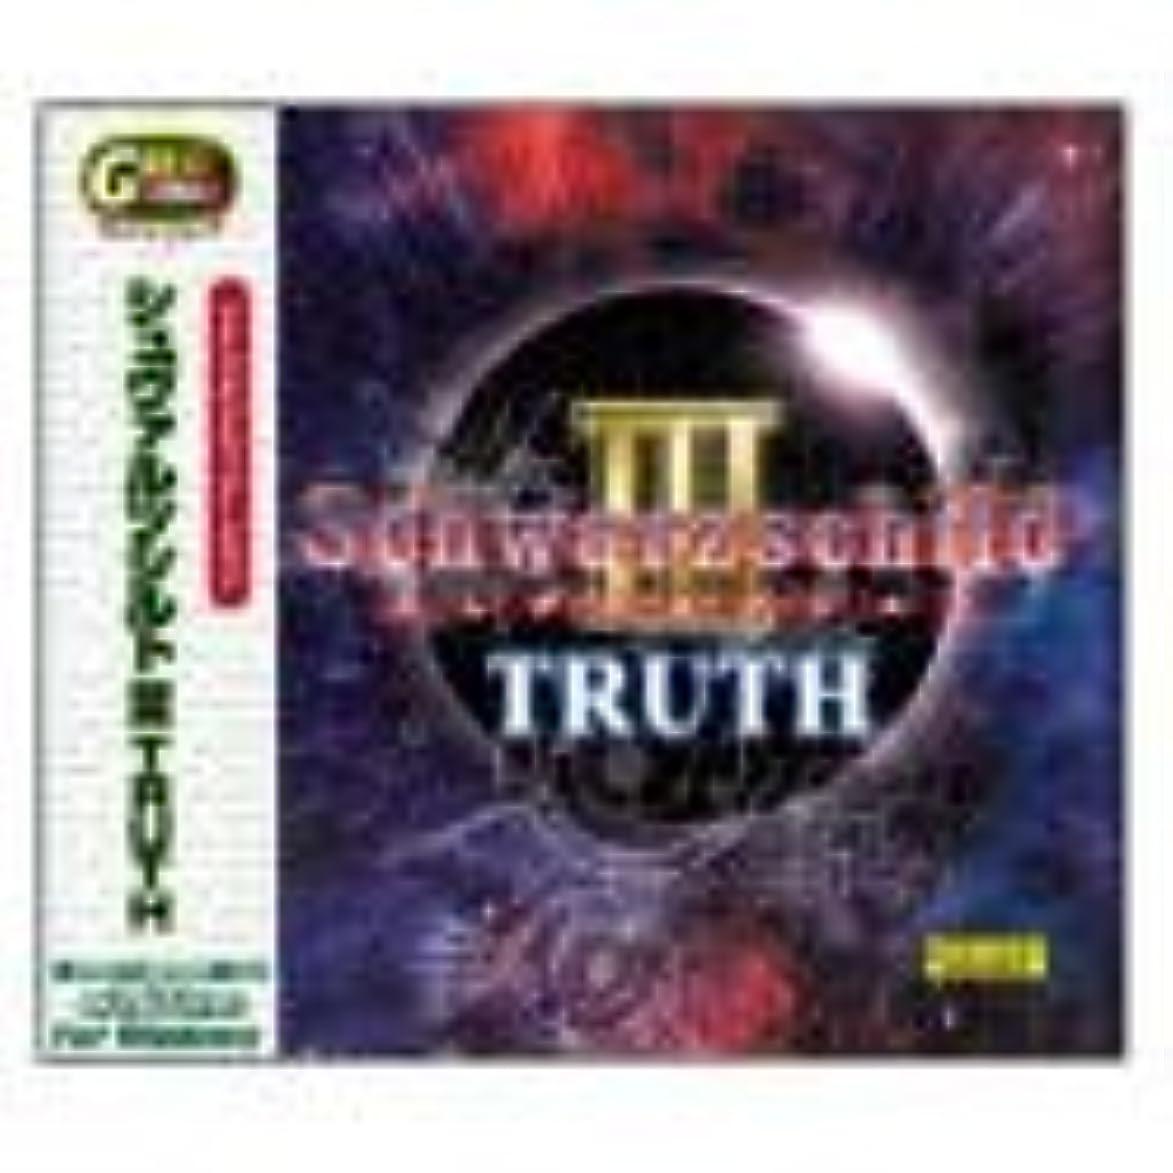 おばあさん朝ごはん東方Great Series シュヴァルツシルト 3 Truth